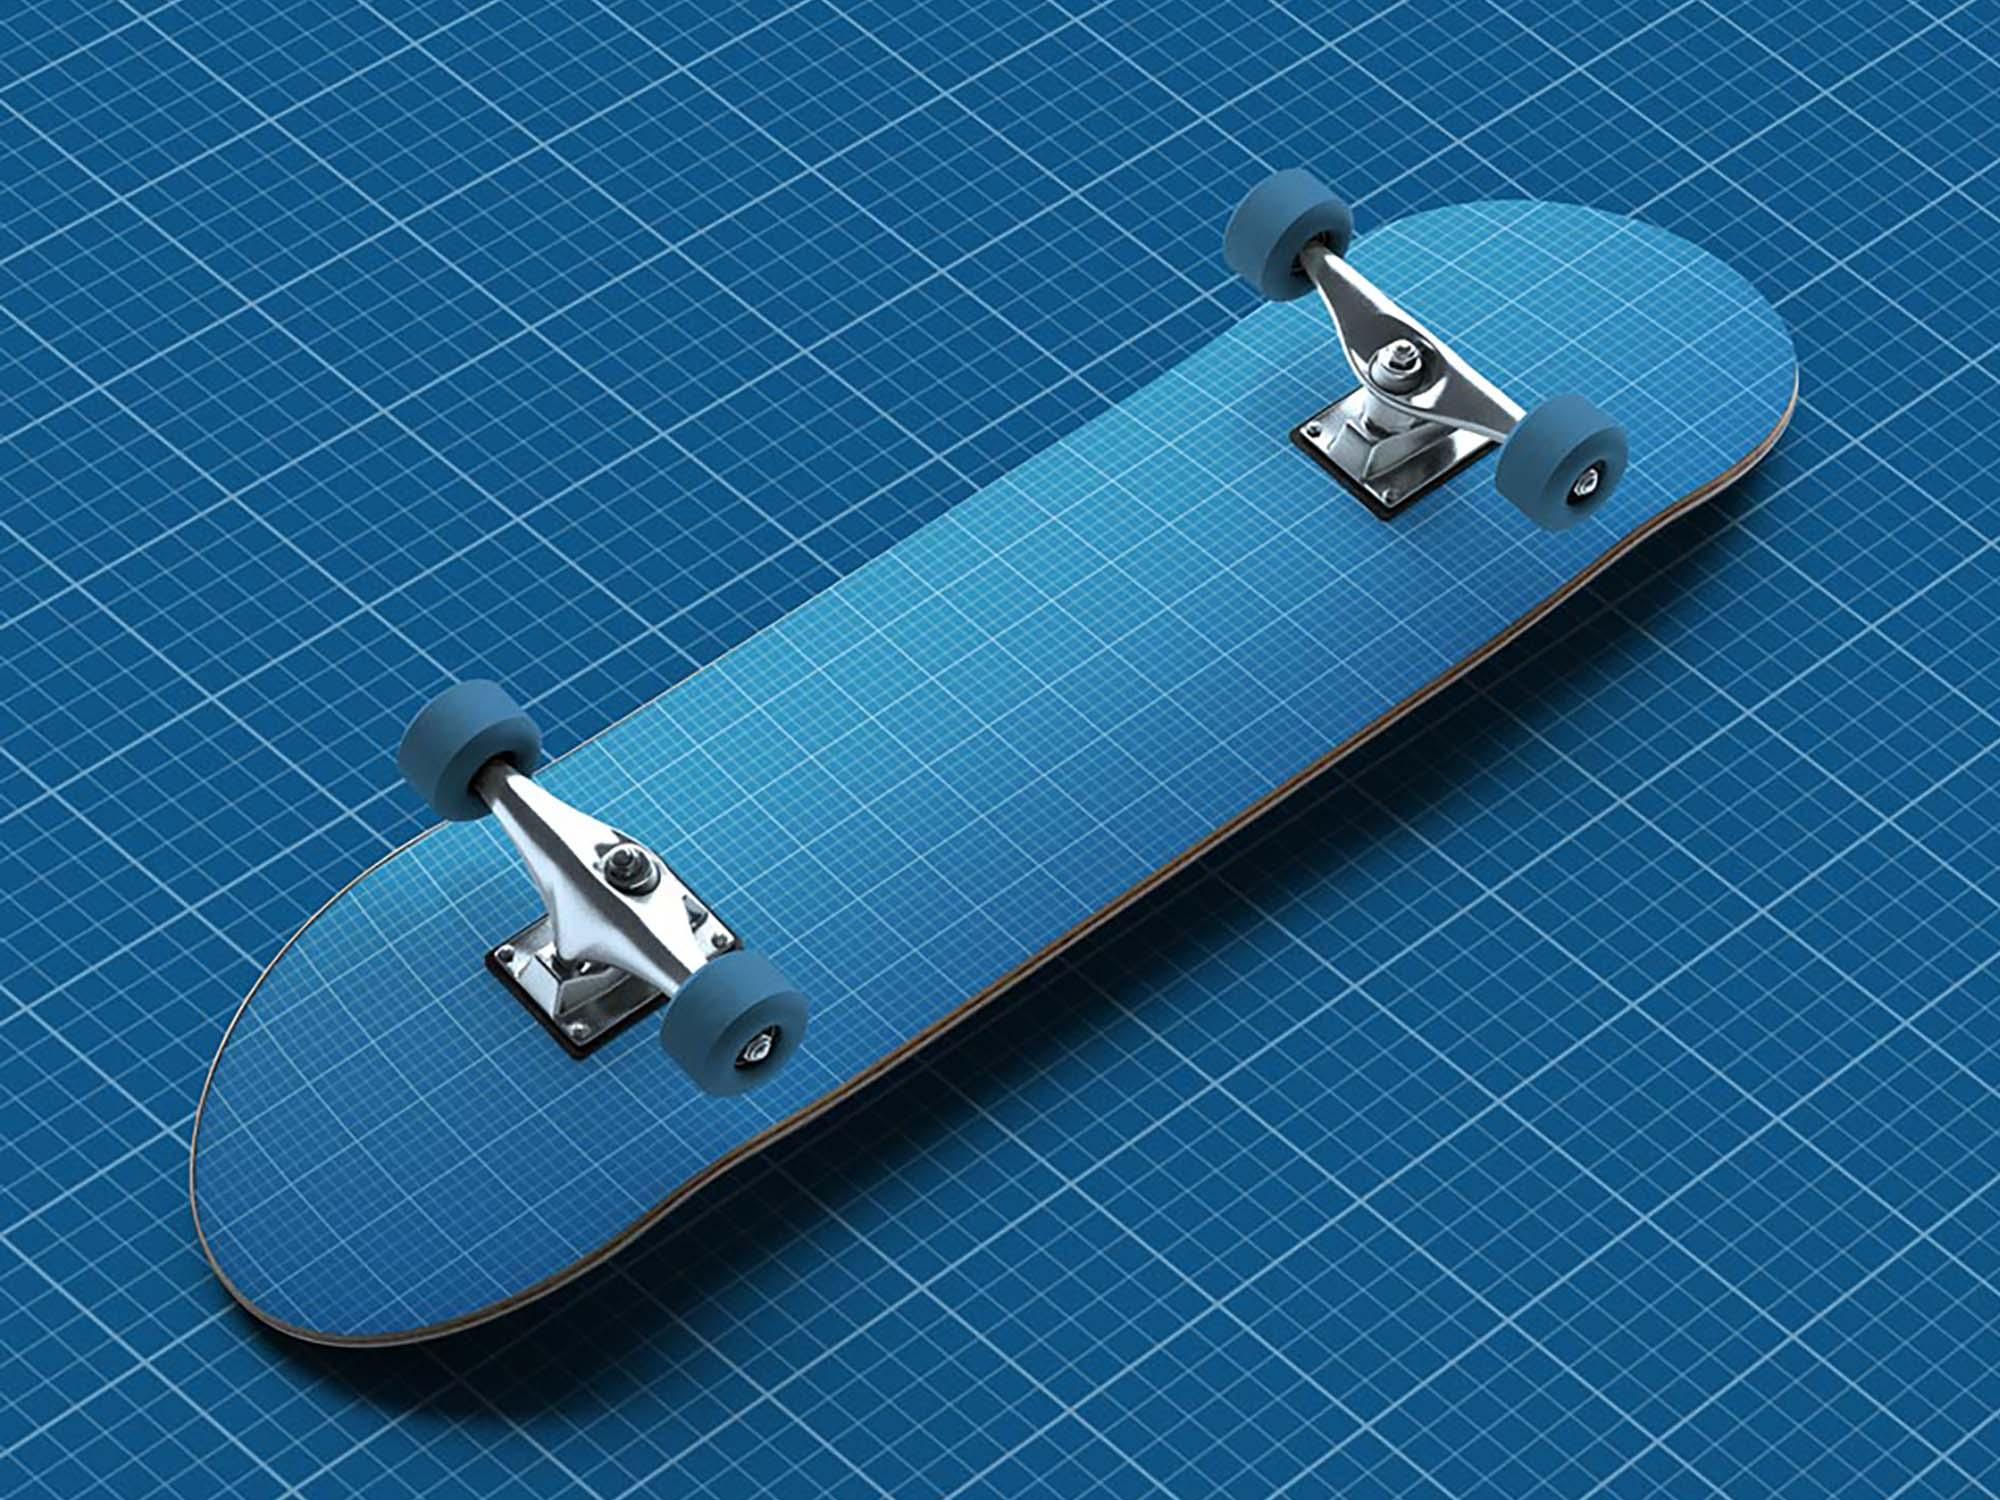 Skateboard Mockup 2